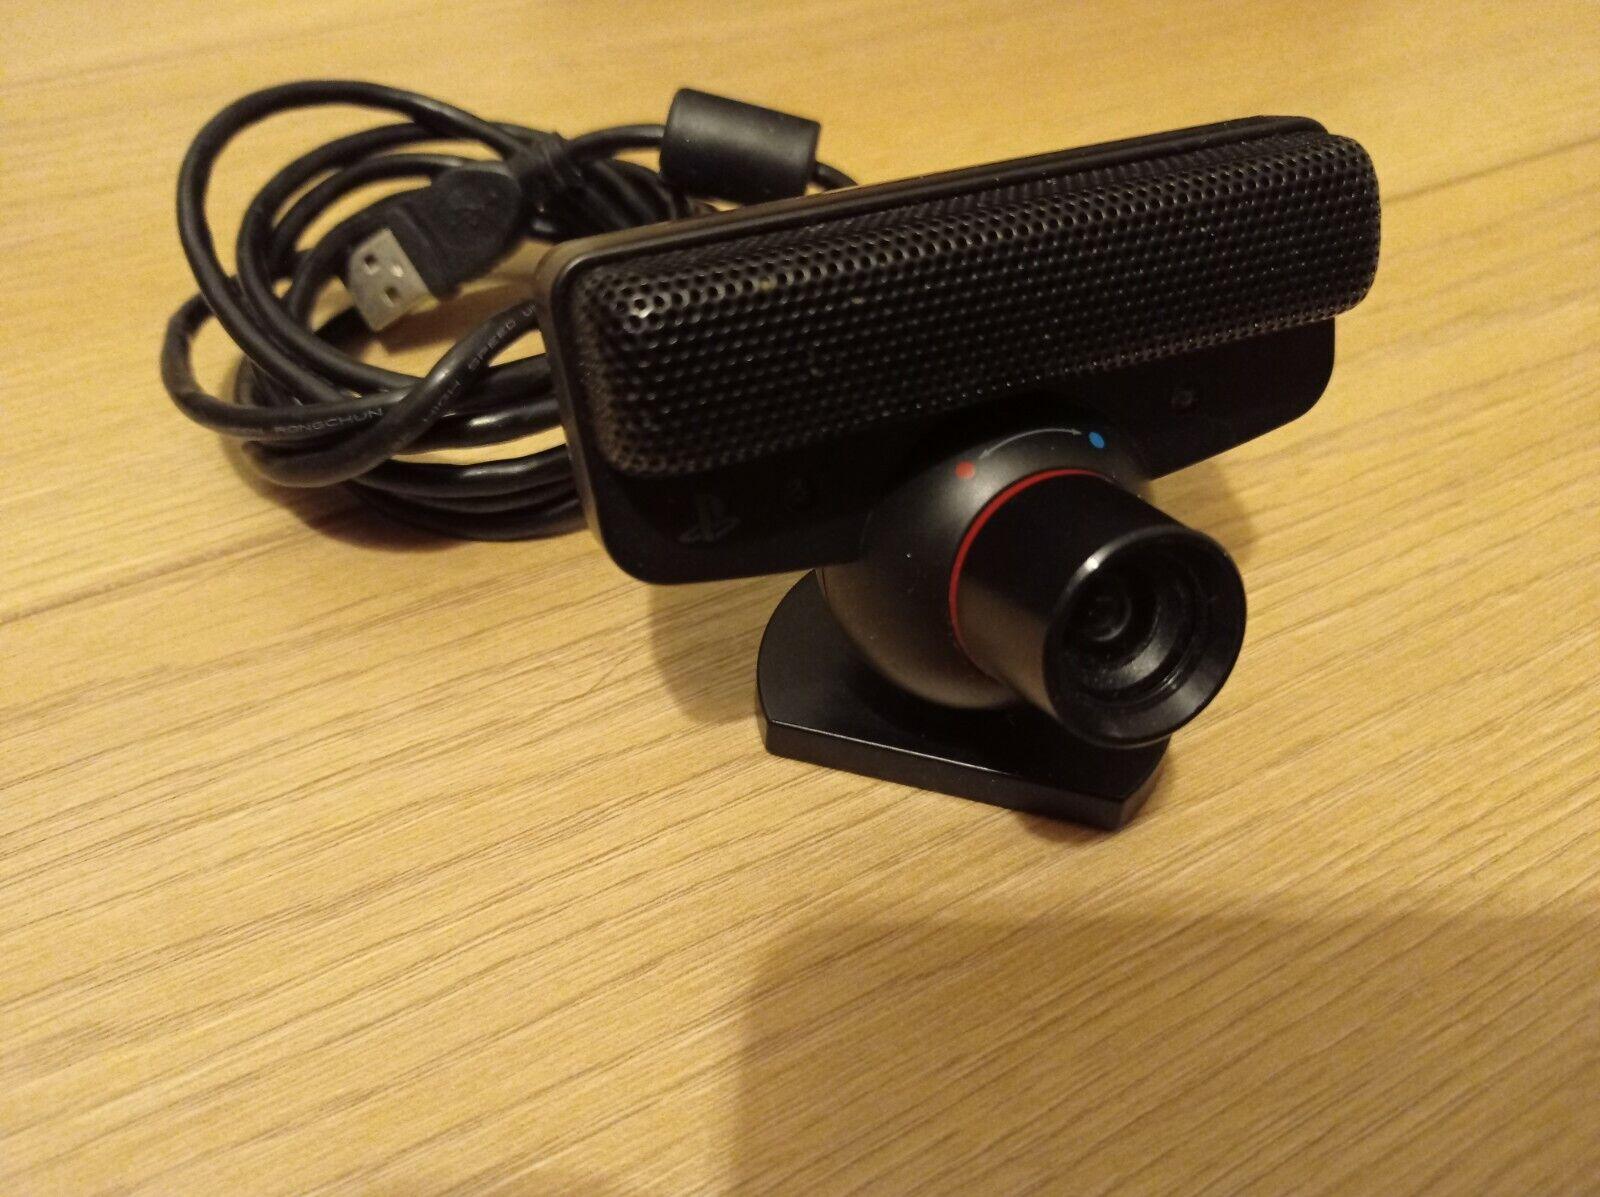 PS3 / PlayStation 3 Eye / PS Move USB Camera